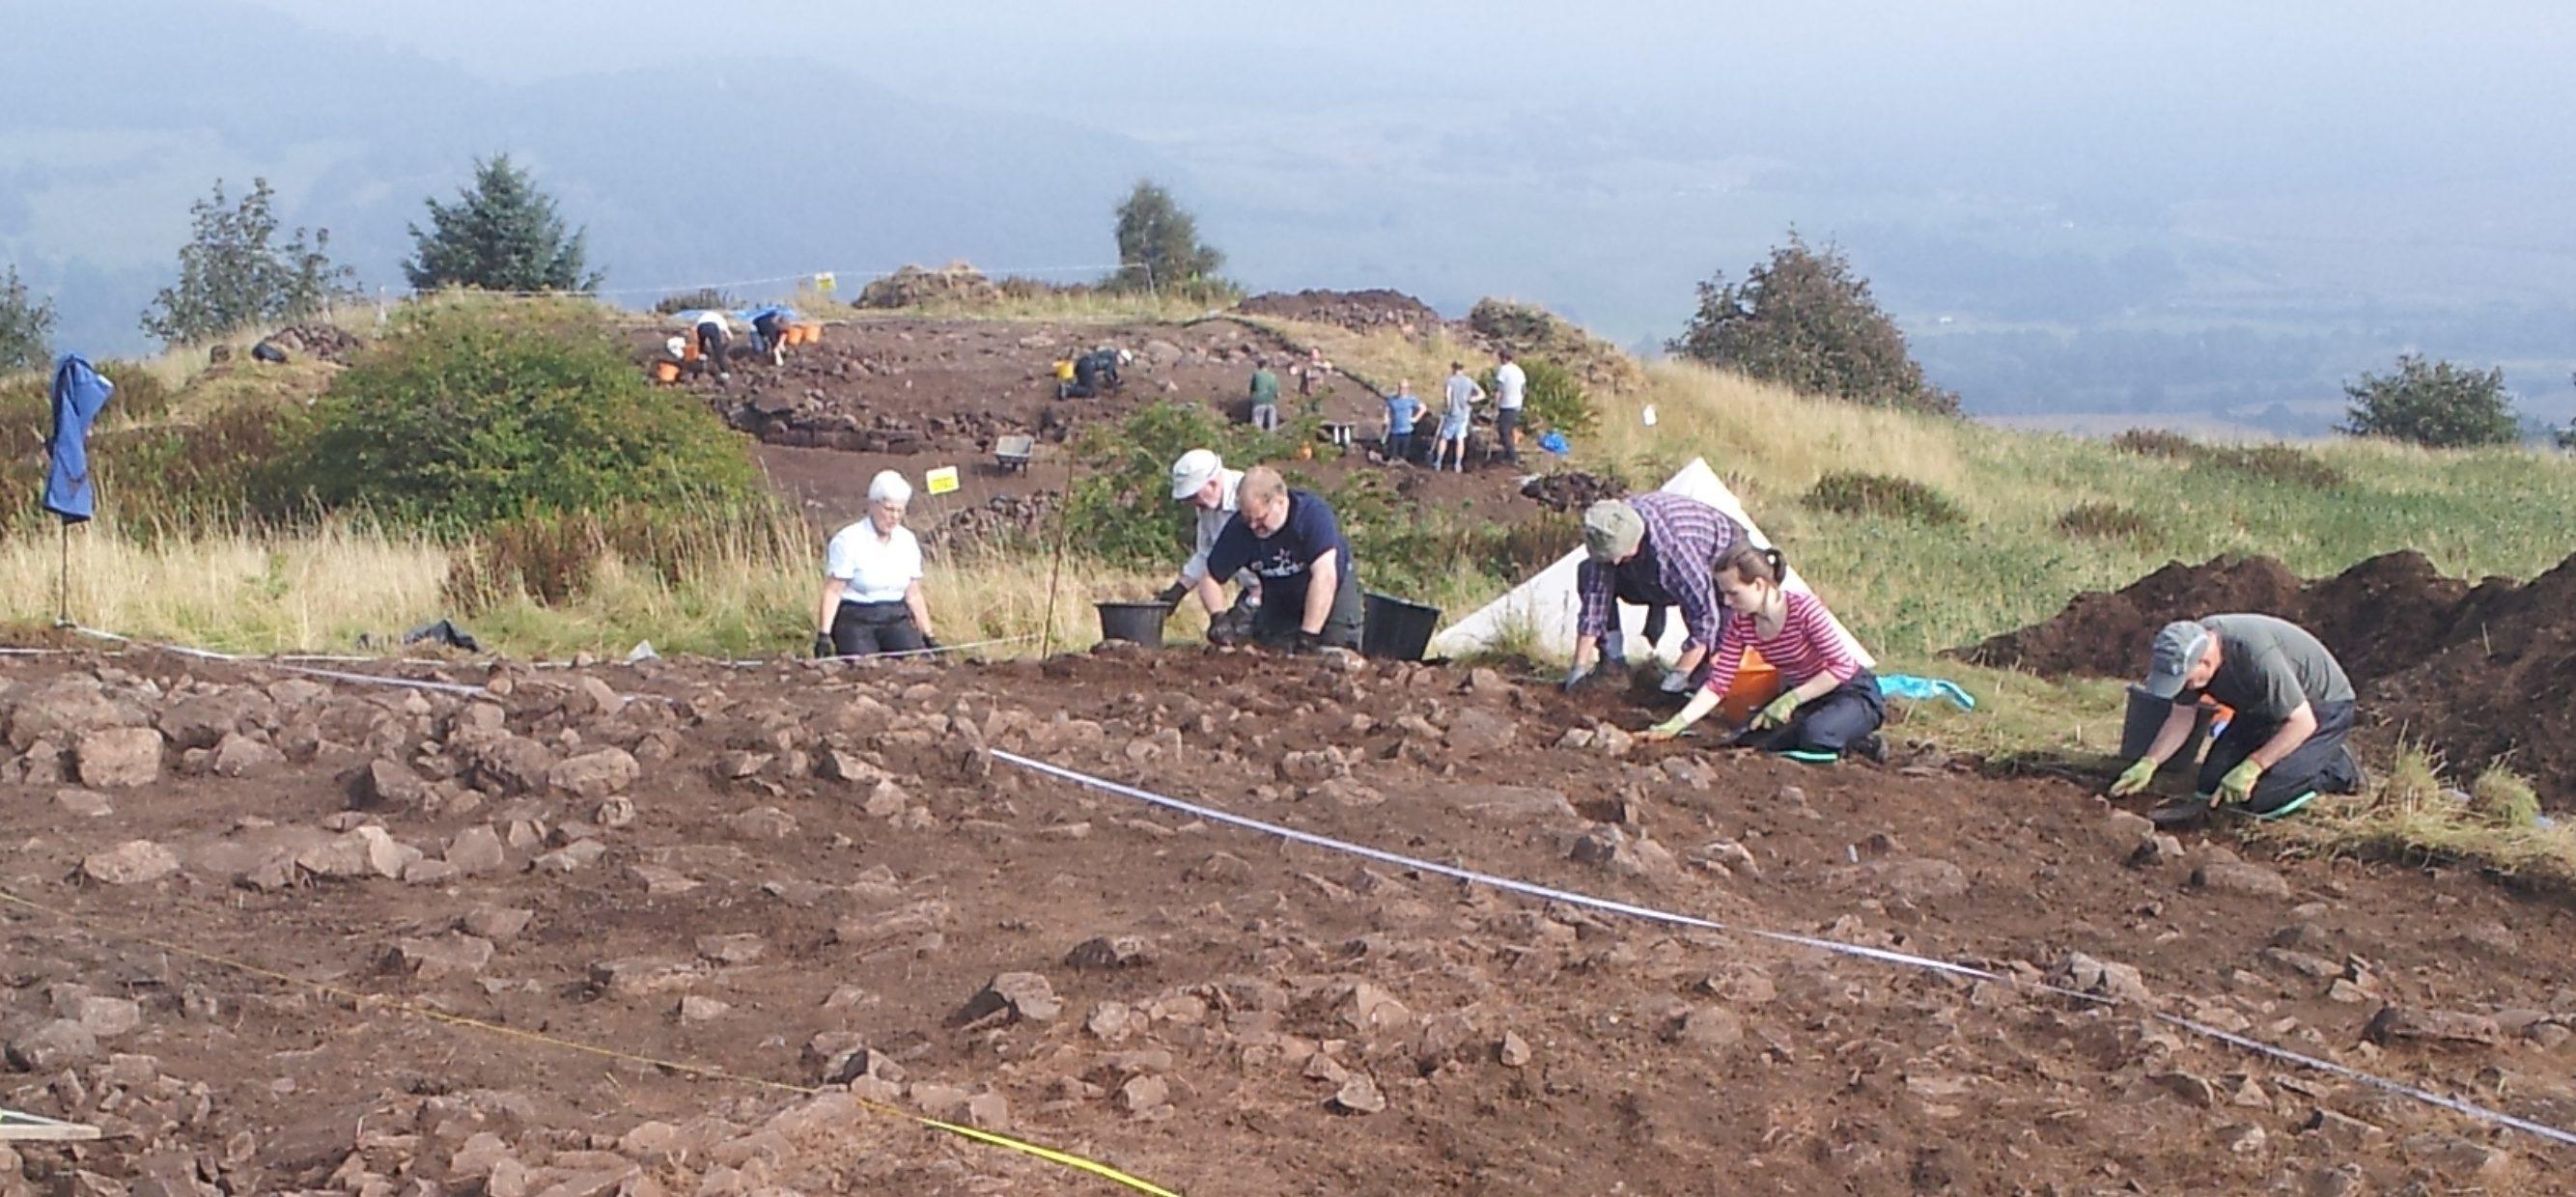 Dig at Moredun top hillfort.